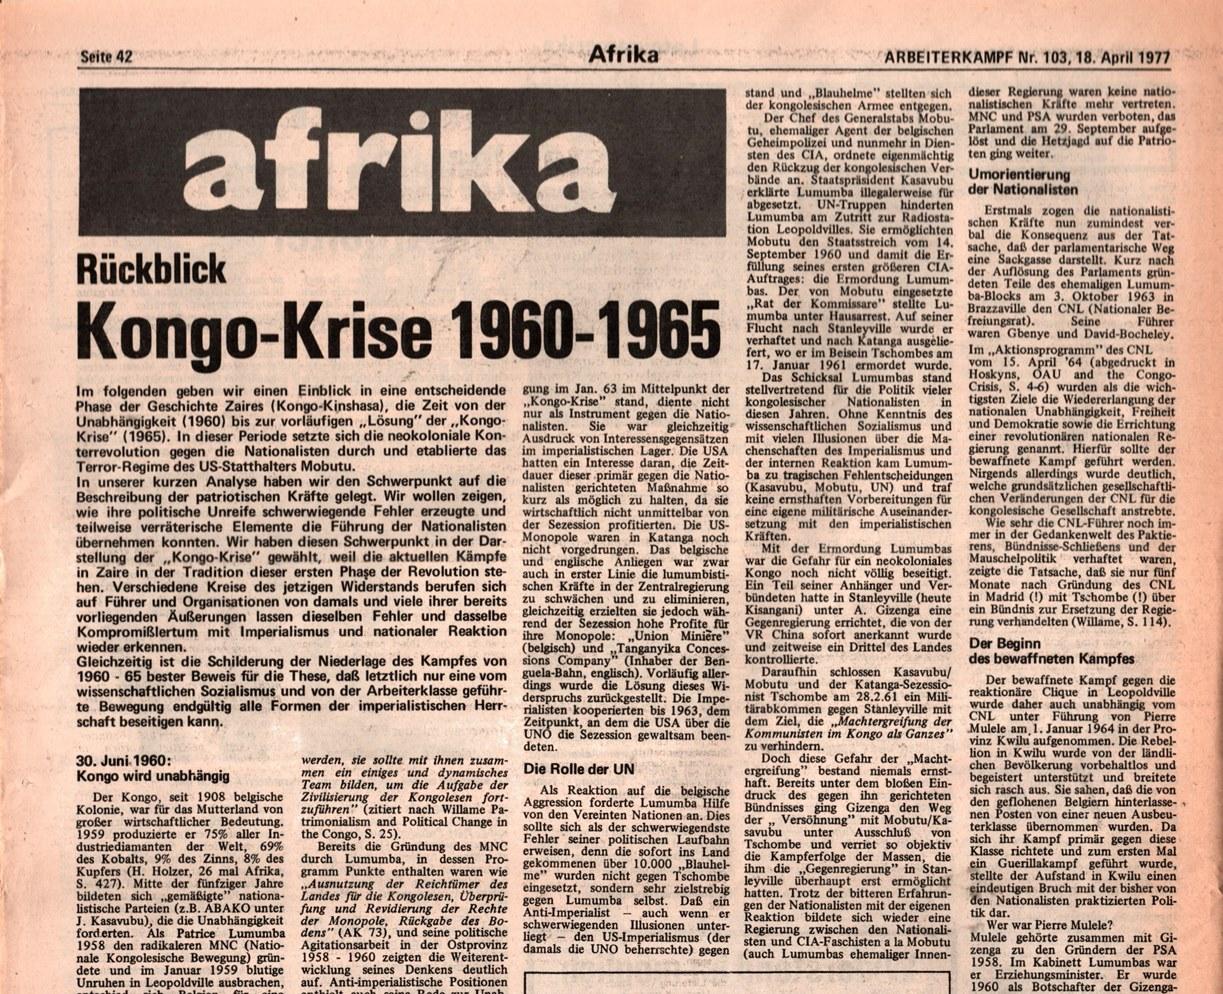 KB_AK_1977_103_083